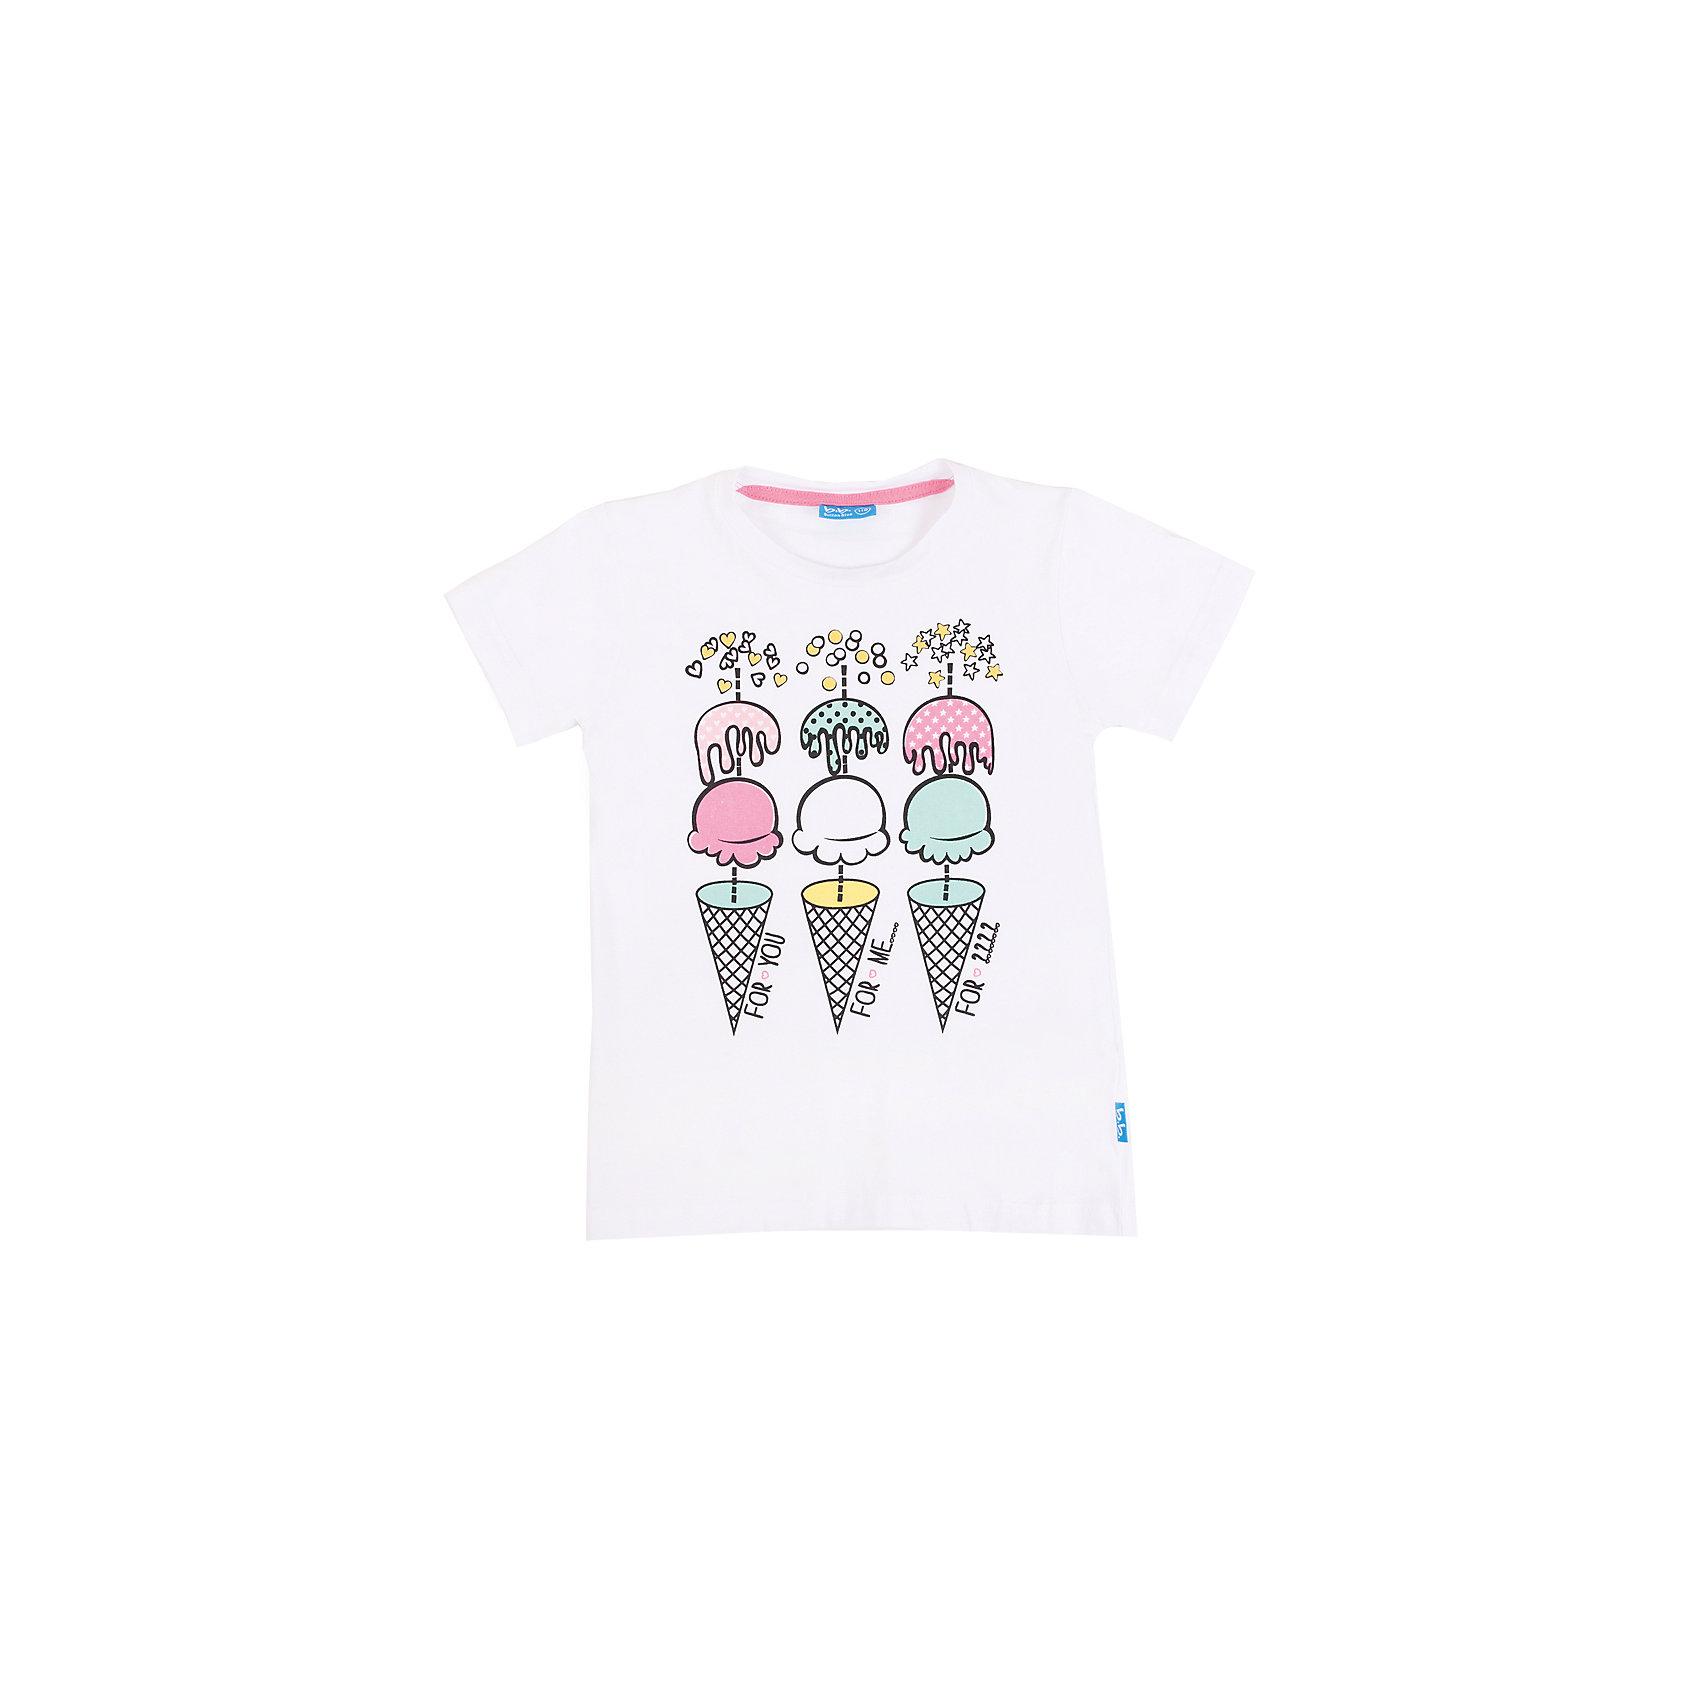 Футболка для девочки Button BlueБелая футболка с ярким принтом - не просто базовая вещь в гардеробе ребенка, а залог хорошего летнего настроения! Отличное качество и доступная цена прилагаются. Если вы решили купить недорогую белую футболку для девочки, выберете модель футболки с оригинальным принтом, и ваш ребенок будет доволен!<br>Состав:<br>95% хлопок           5% эластан<br><br>Ширина мм: 199<br>Глубина мм: 10<br>Высота мм: 161<br>Вес г: 151<br>Цвет: белый<br>Возраст от месяцев: 60<br>Возраст до месяцев: 72<br>Пол: Женский<br>Возраст: Детский<br>Размер: 146,116,158,104,98,110,140,128,152,134,122<br>SKU: 4510509